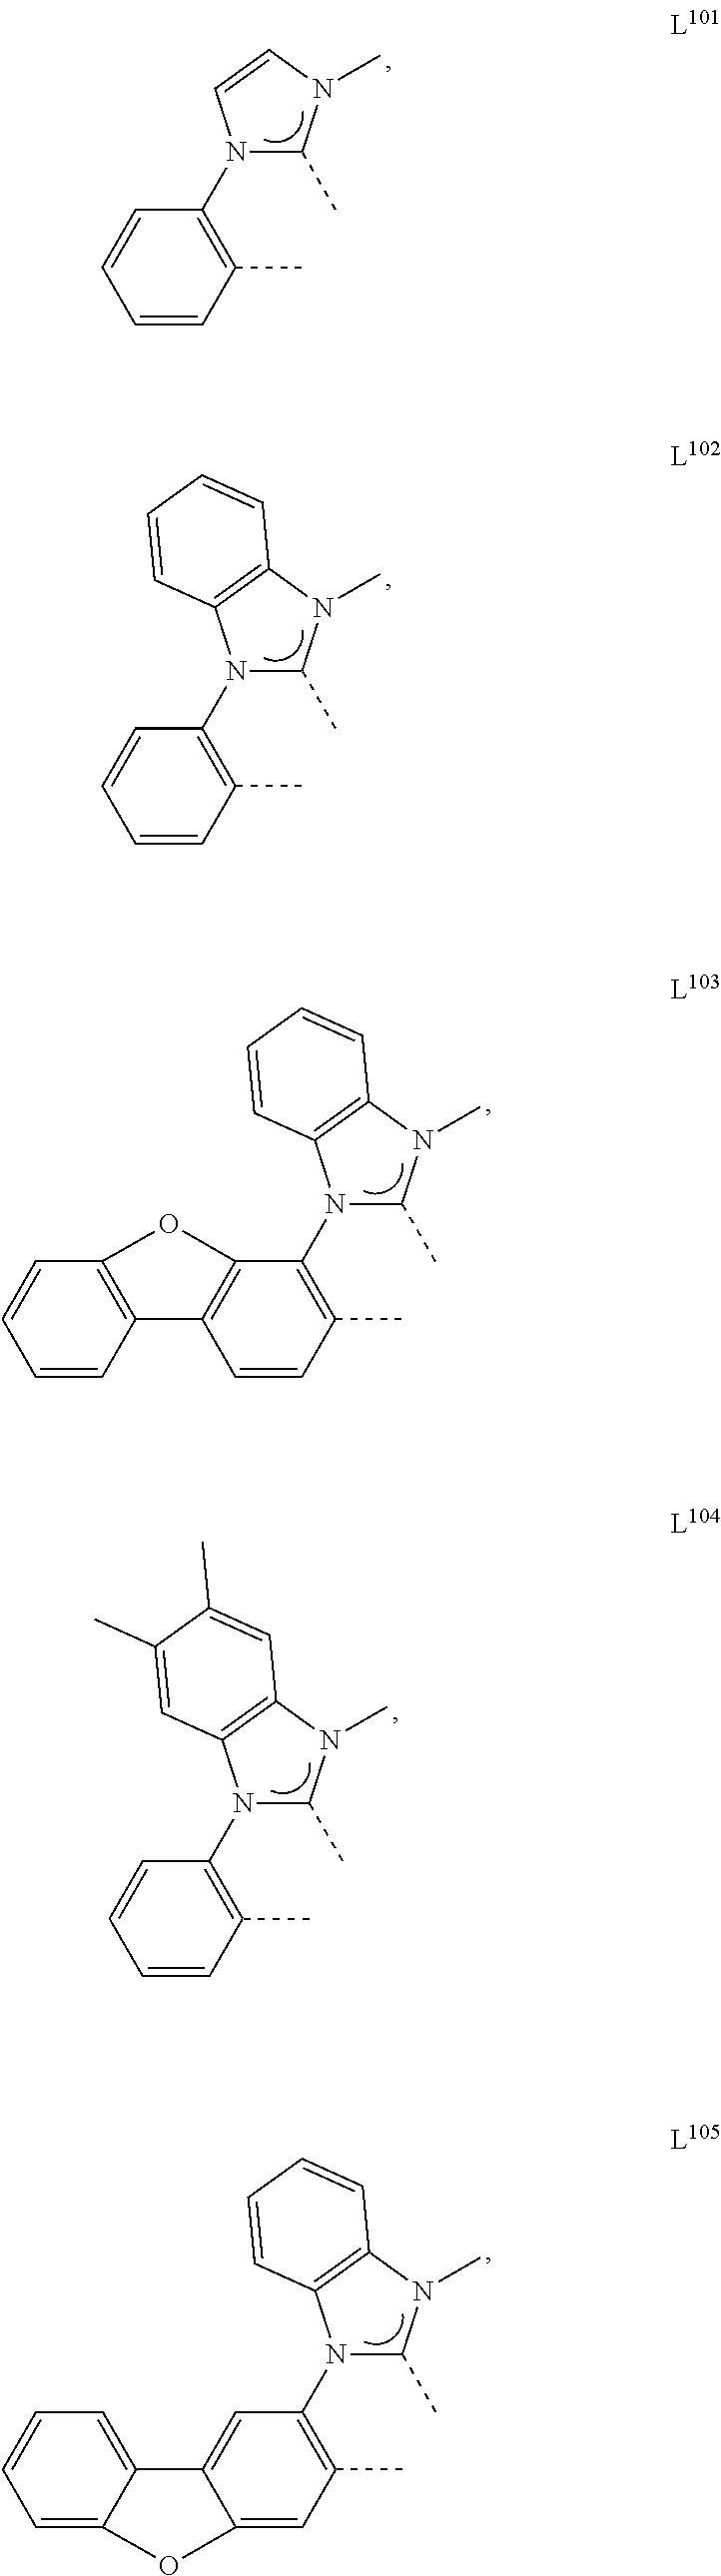 Figure US09306179-20160405-C00007